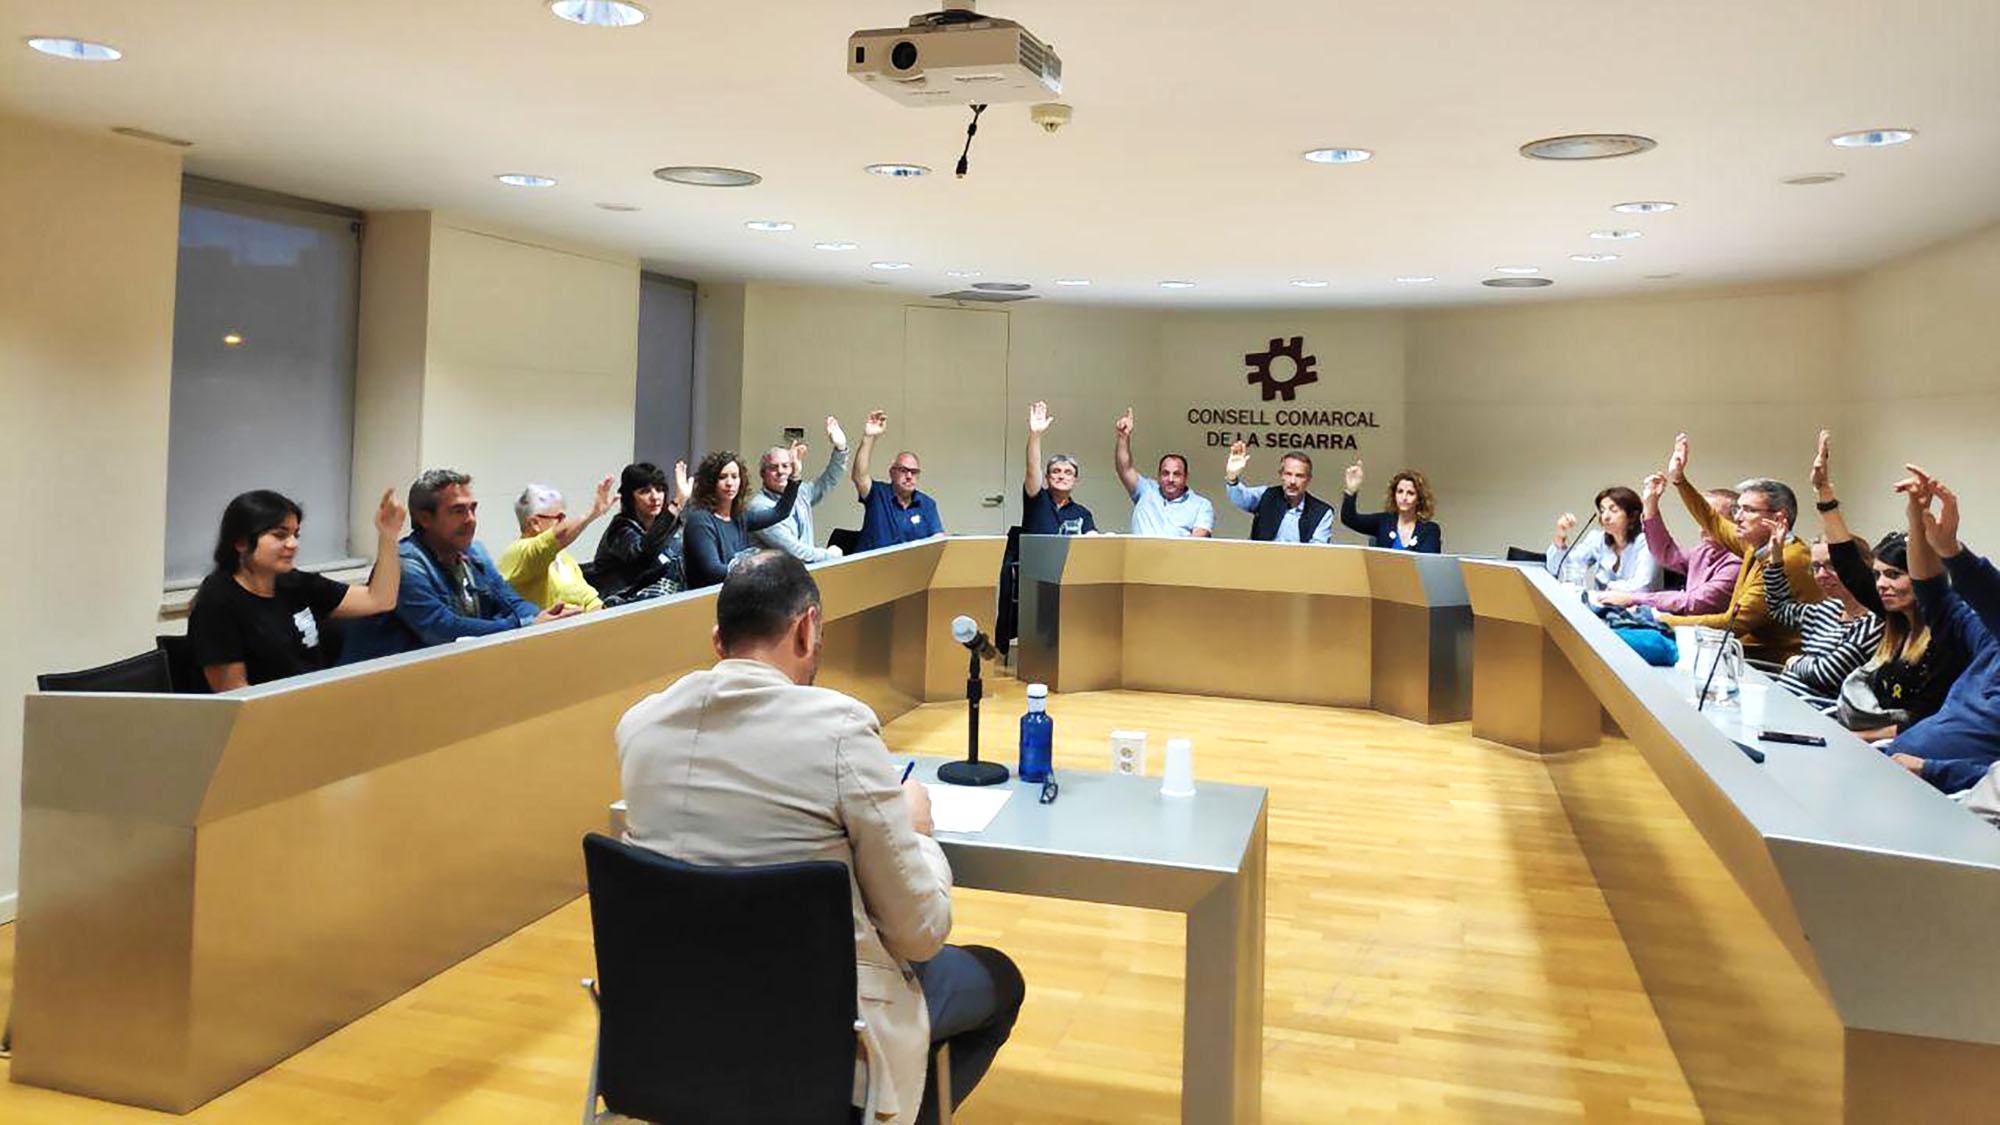 El Consell Comarcal Segarra aprova la moció contra la Sentència del Procés